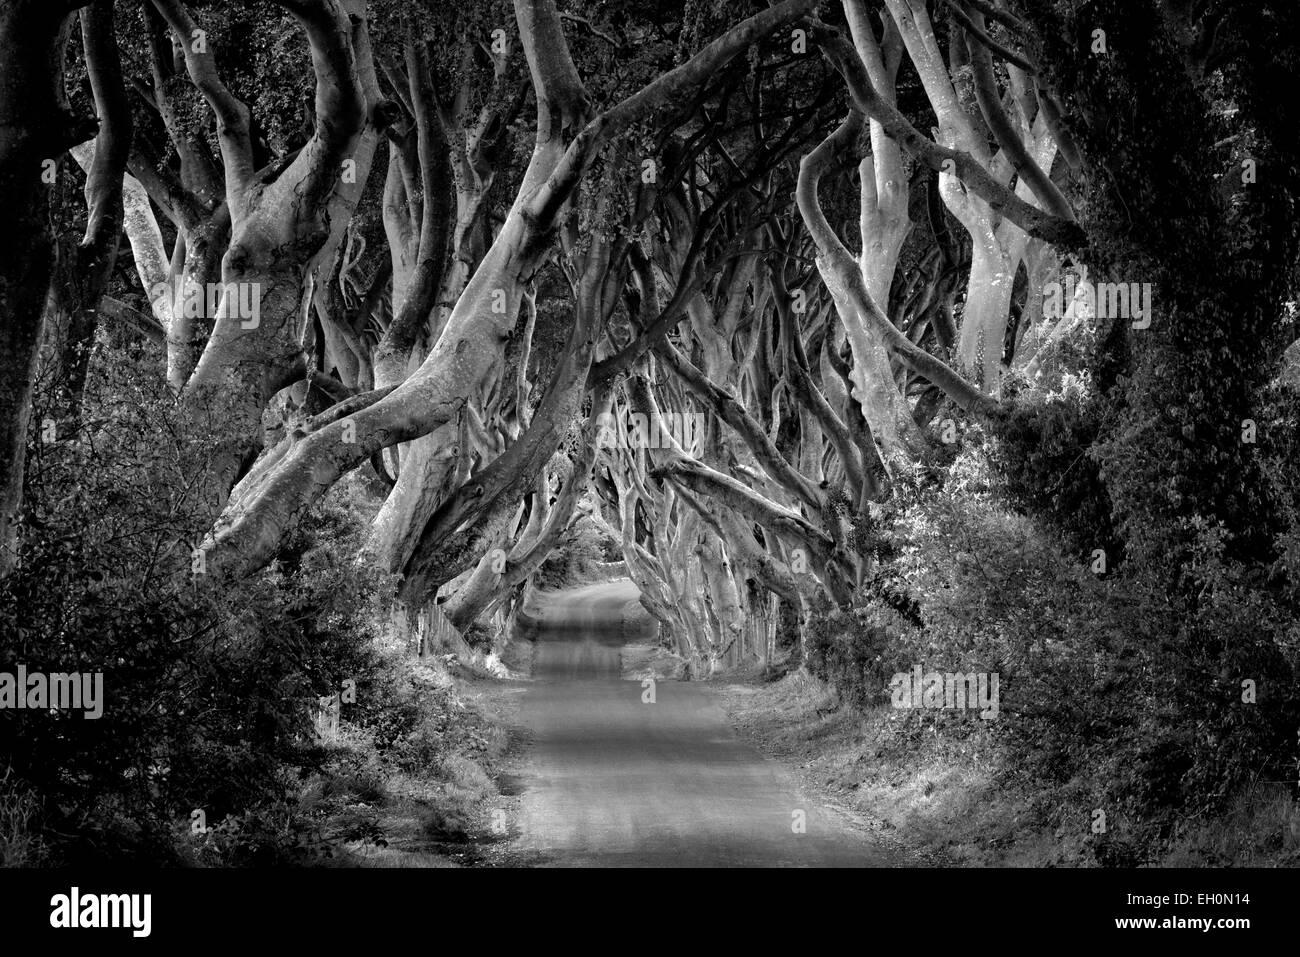 L'obscurité des haies. Route bordée de hêtres rural en Irlande. Photo Stock